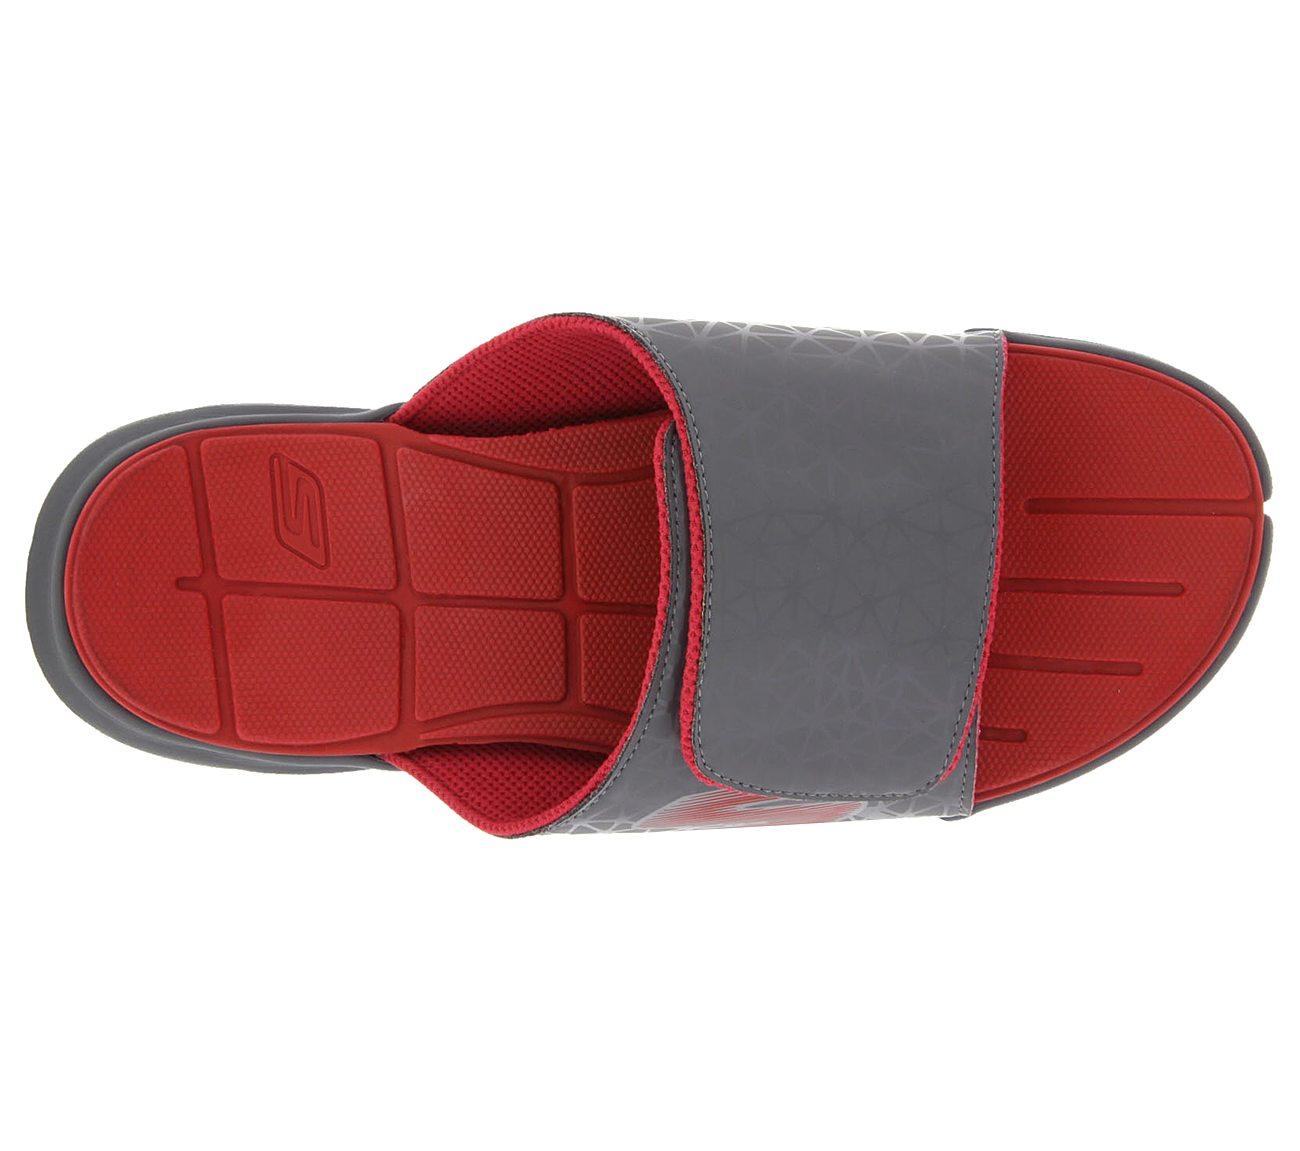 db70020bb0e9 Buy SKECHERS Skechers GObionic S - Slide On the GO Shoes only  20.00